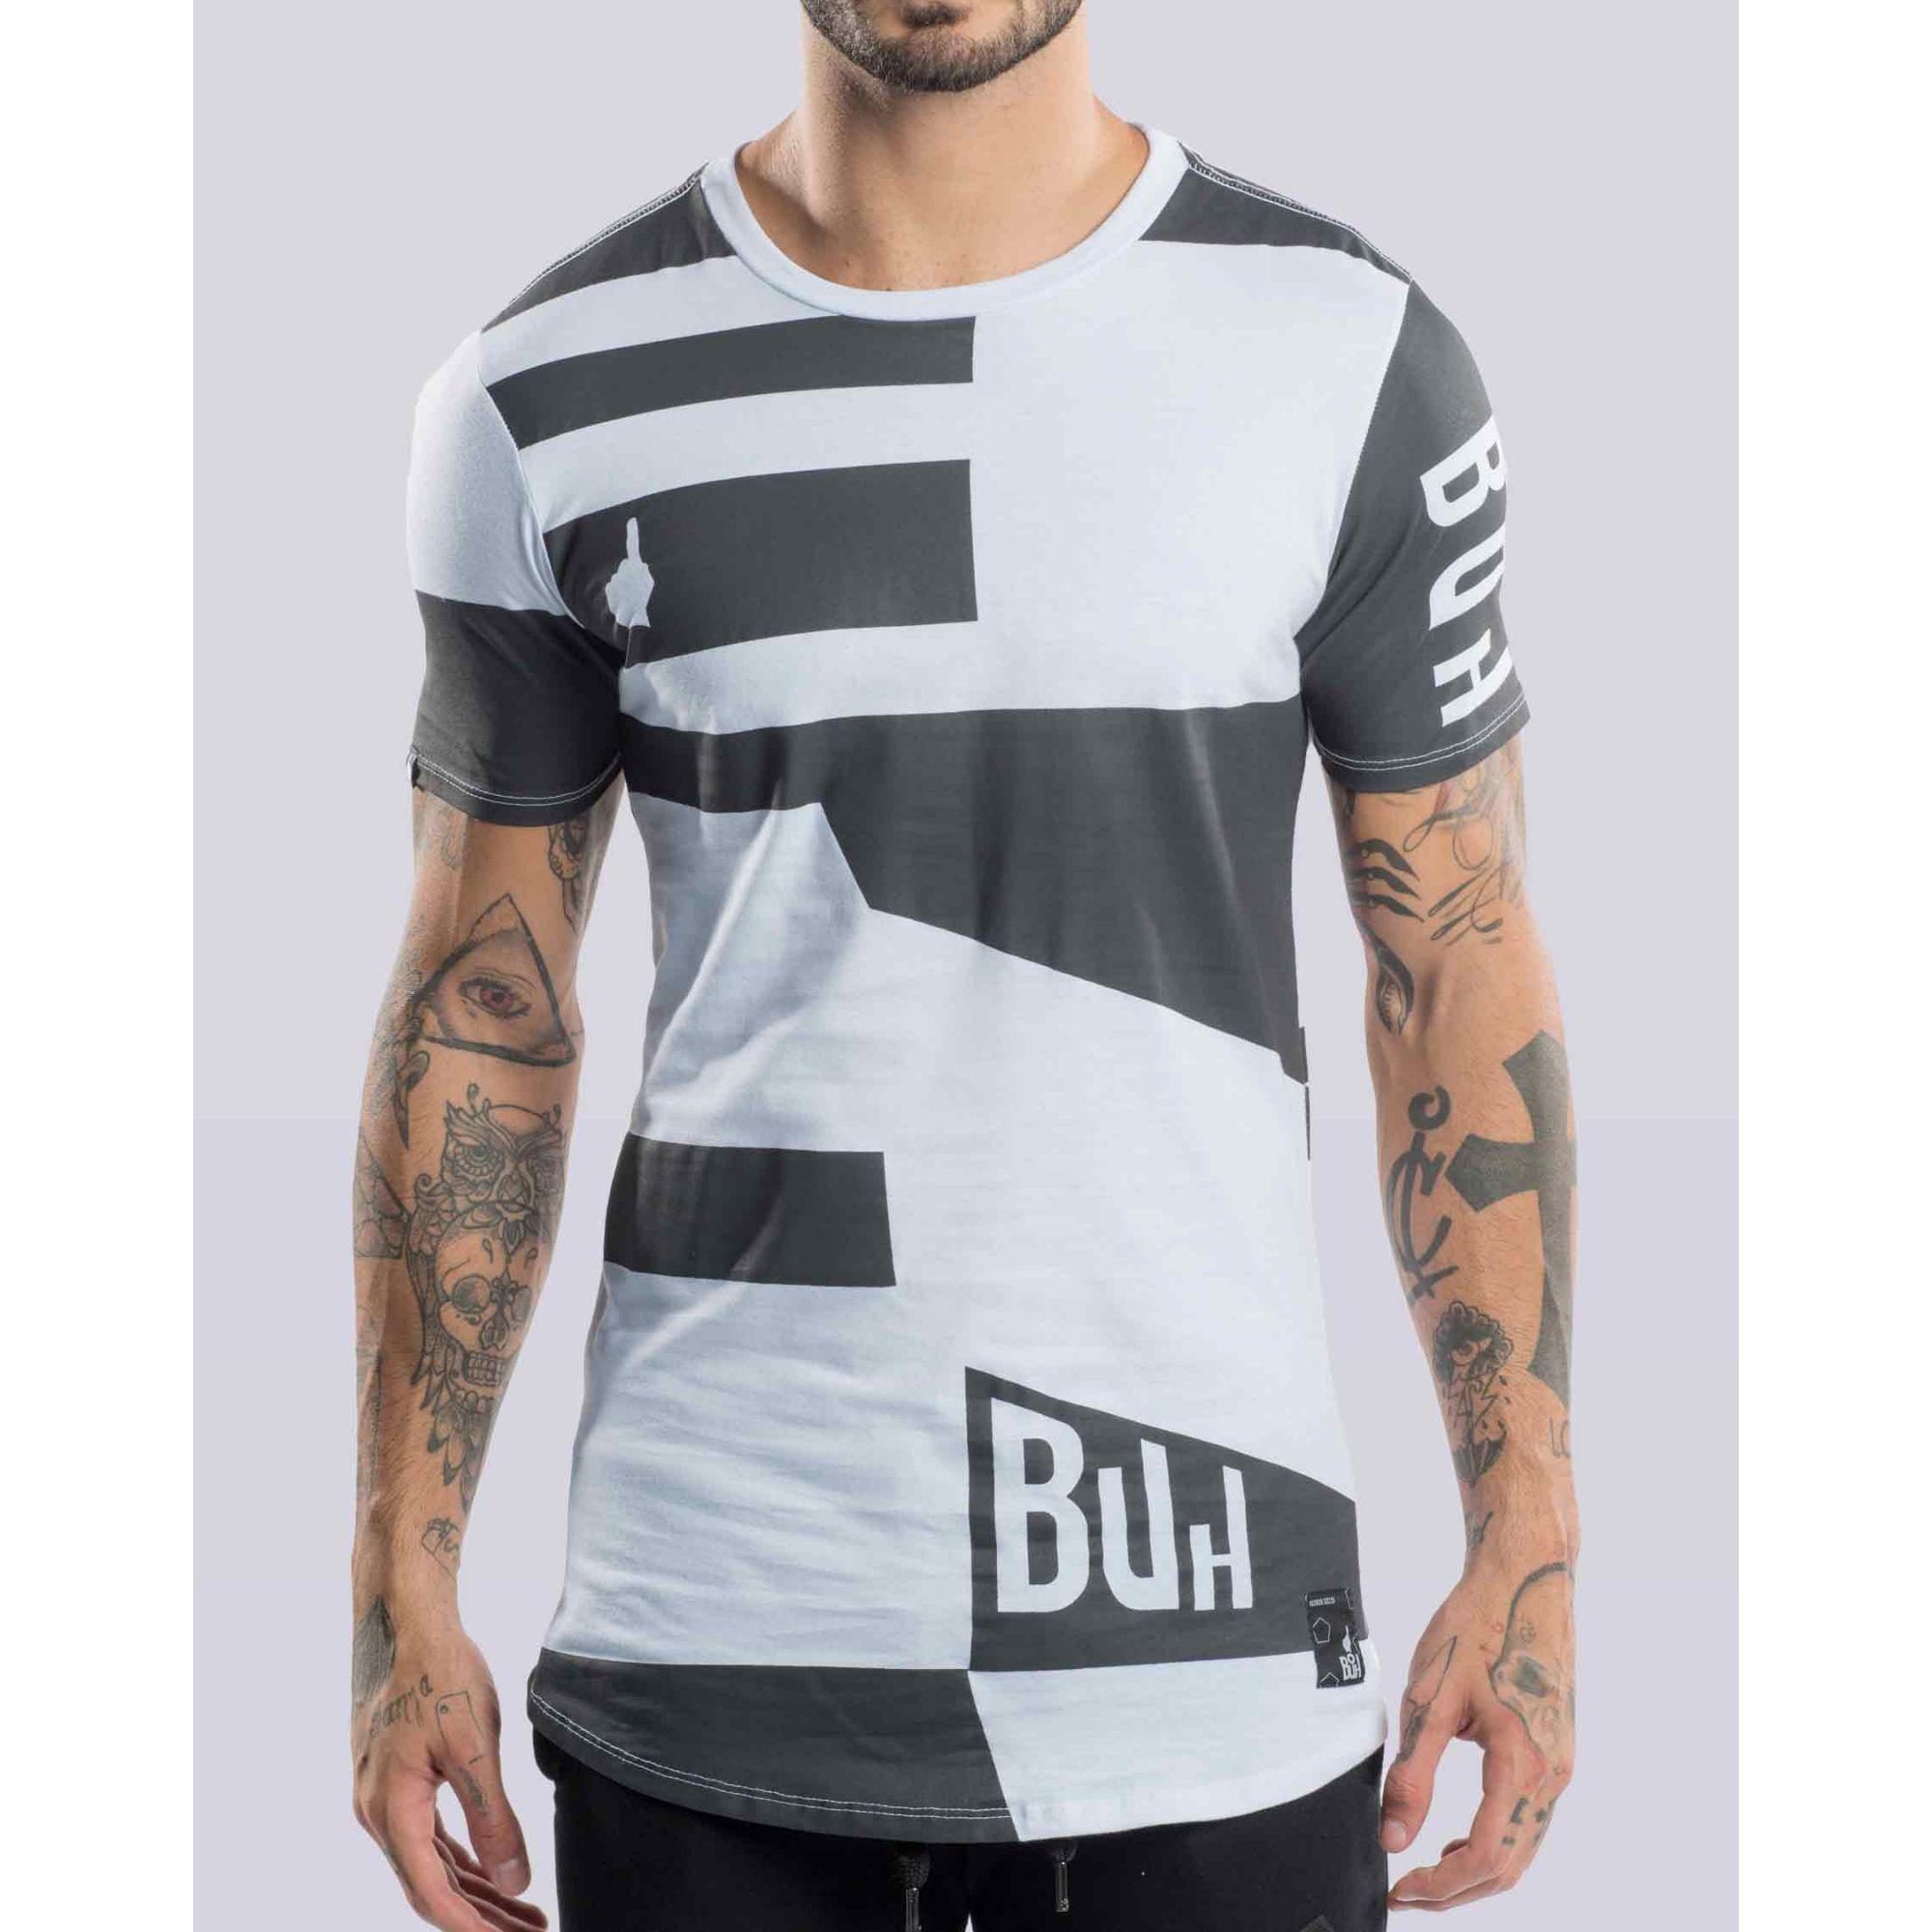 Camiseta Buh Flag White & Black